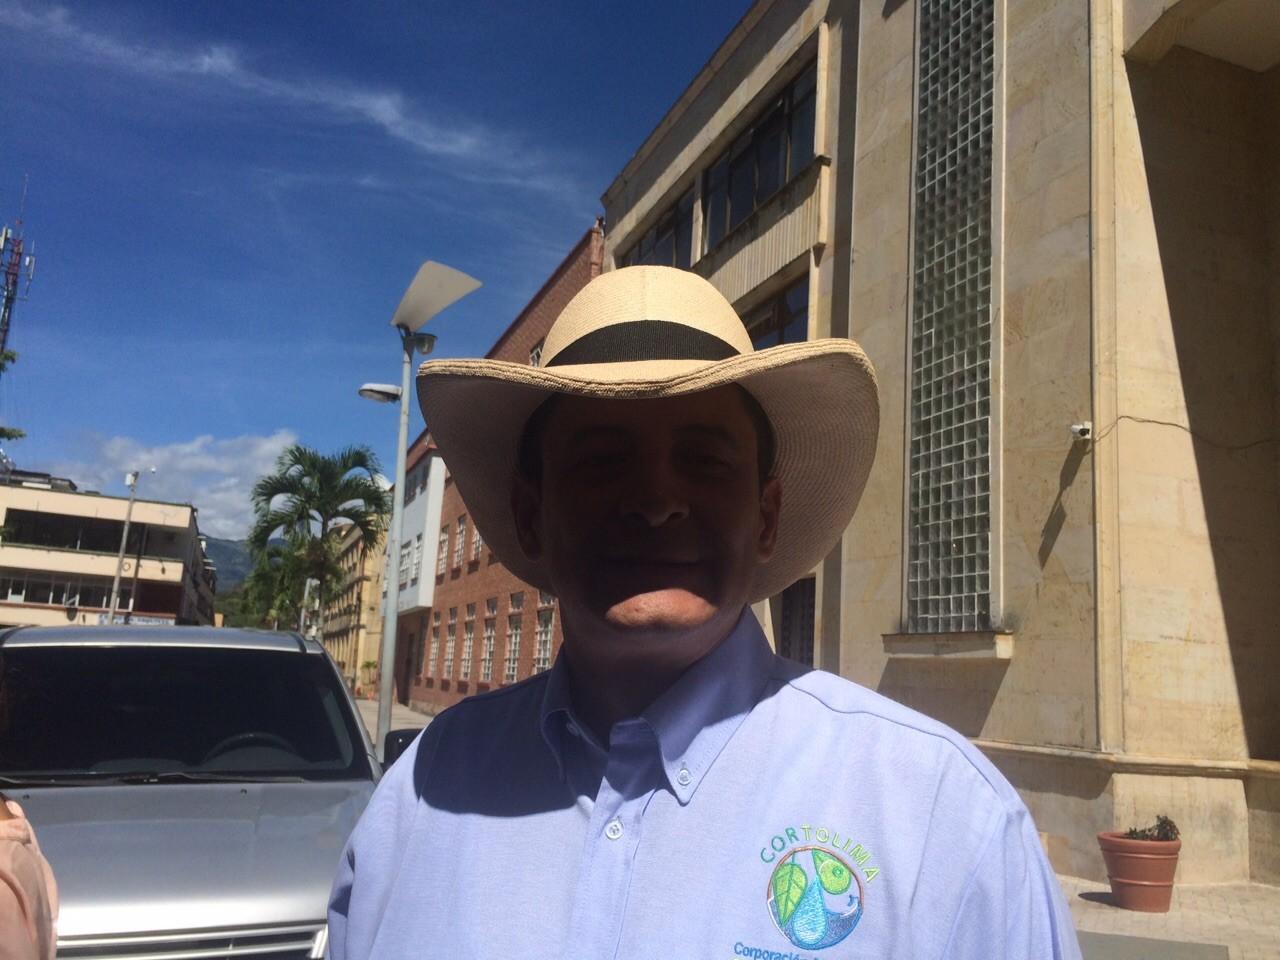 Alcaldía burla fallo de justicia que ordenó no hacer cárcel de menores